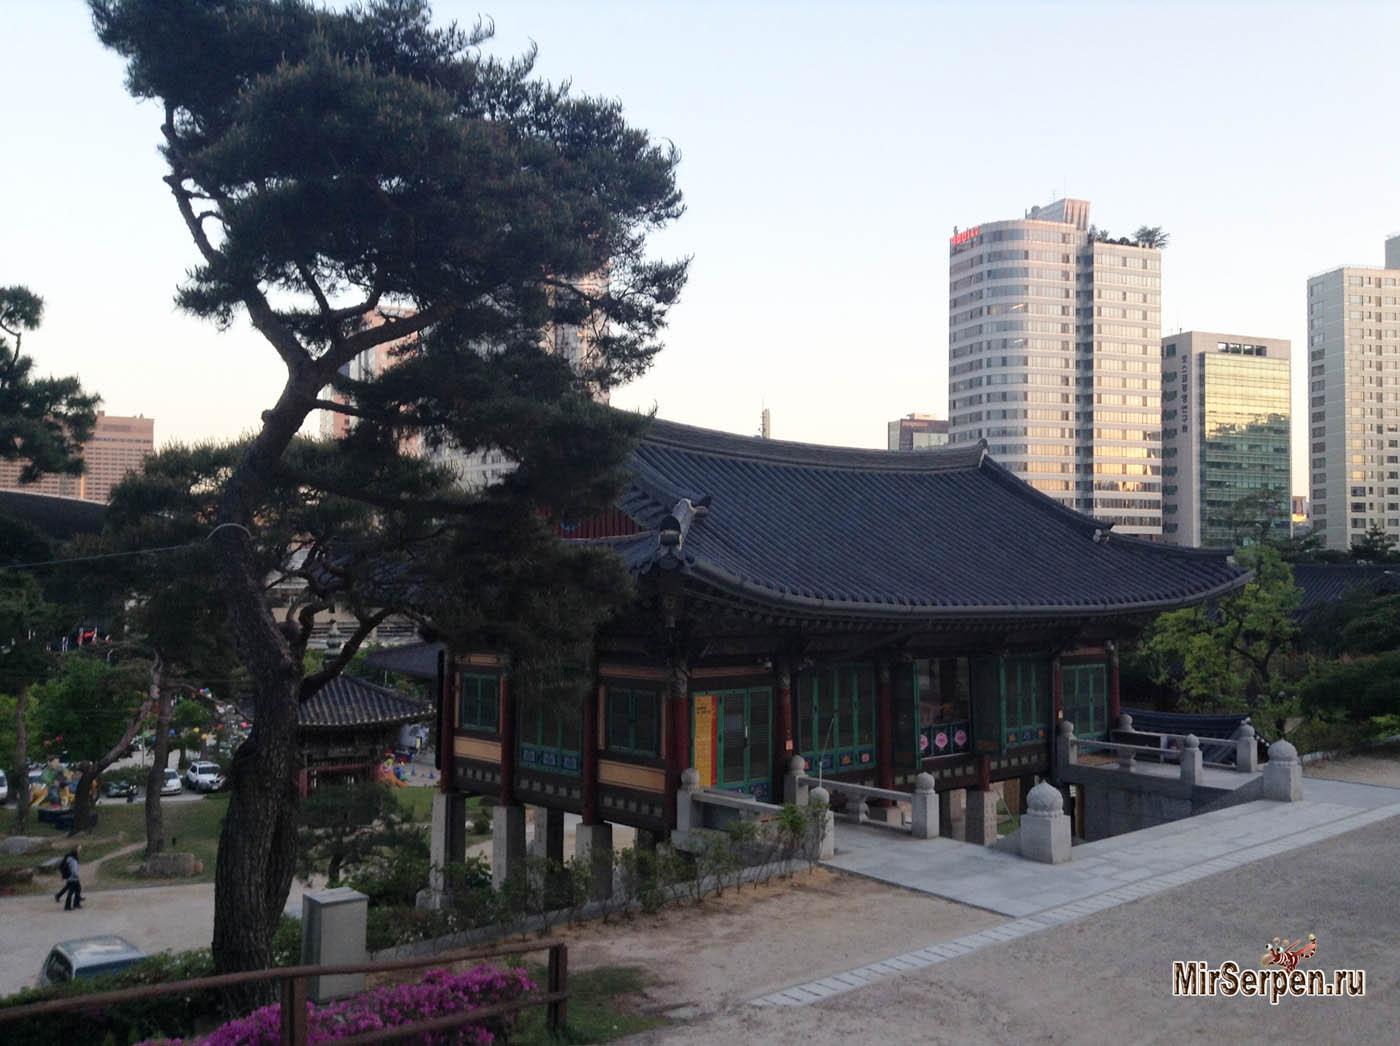 Поездка в страну мечты, Сеул, май 2016